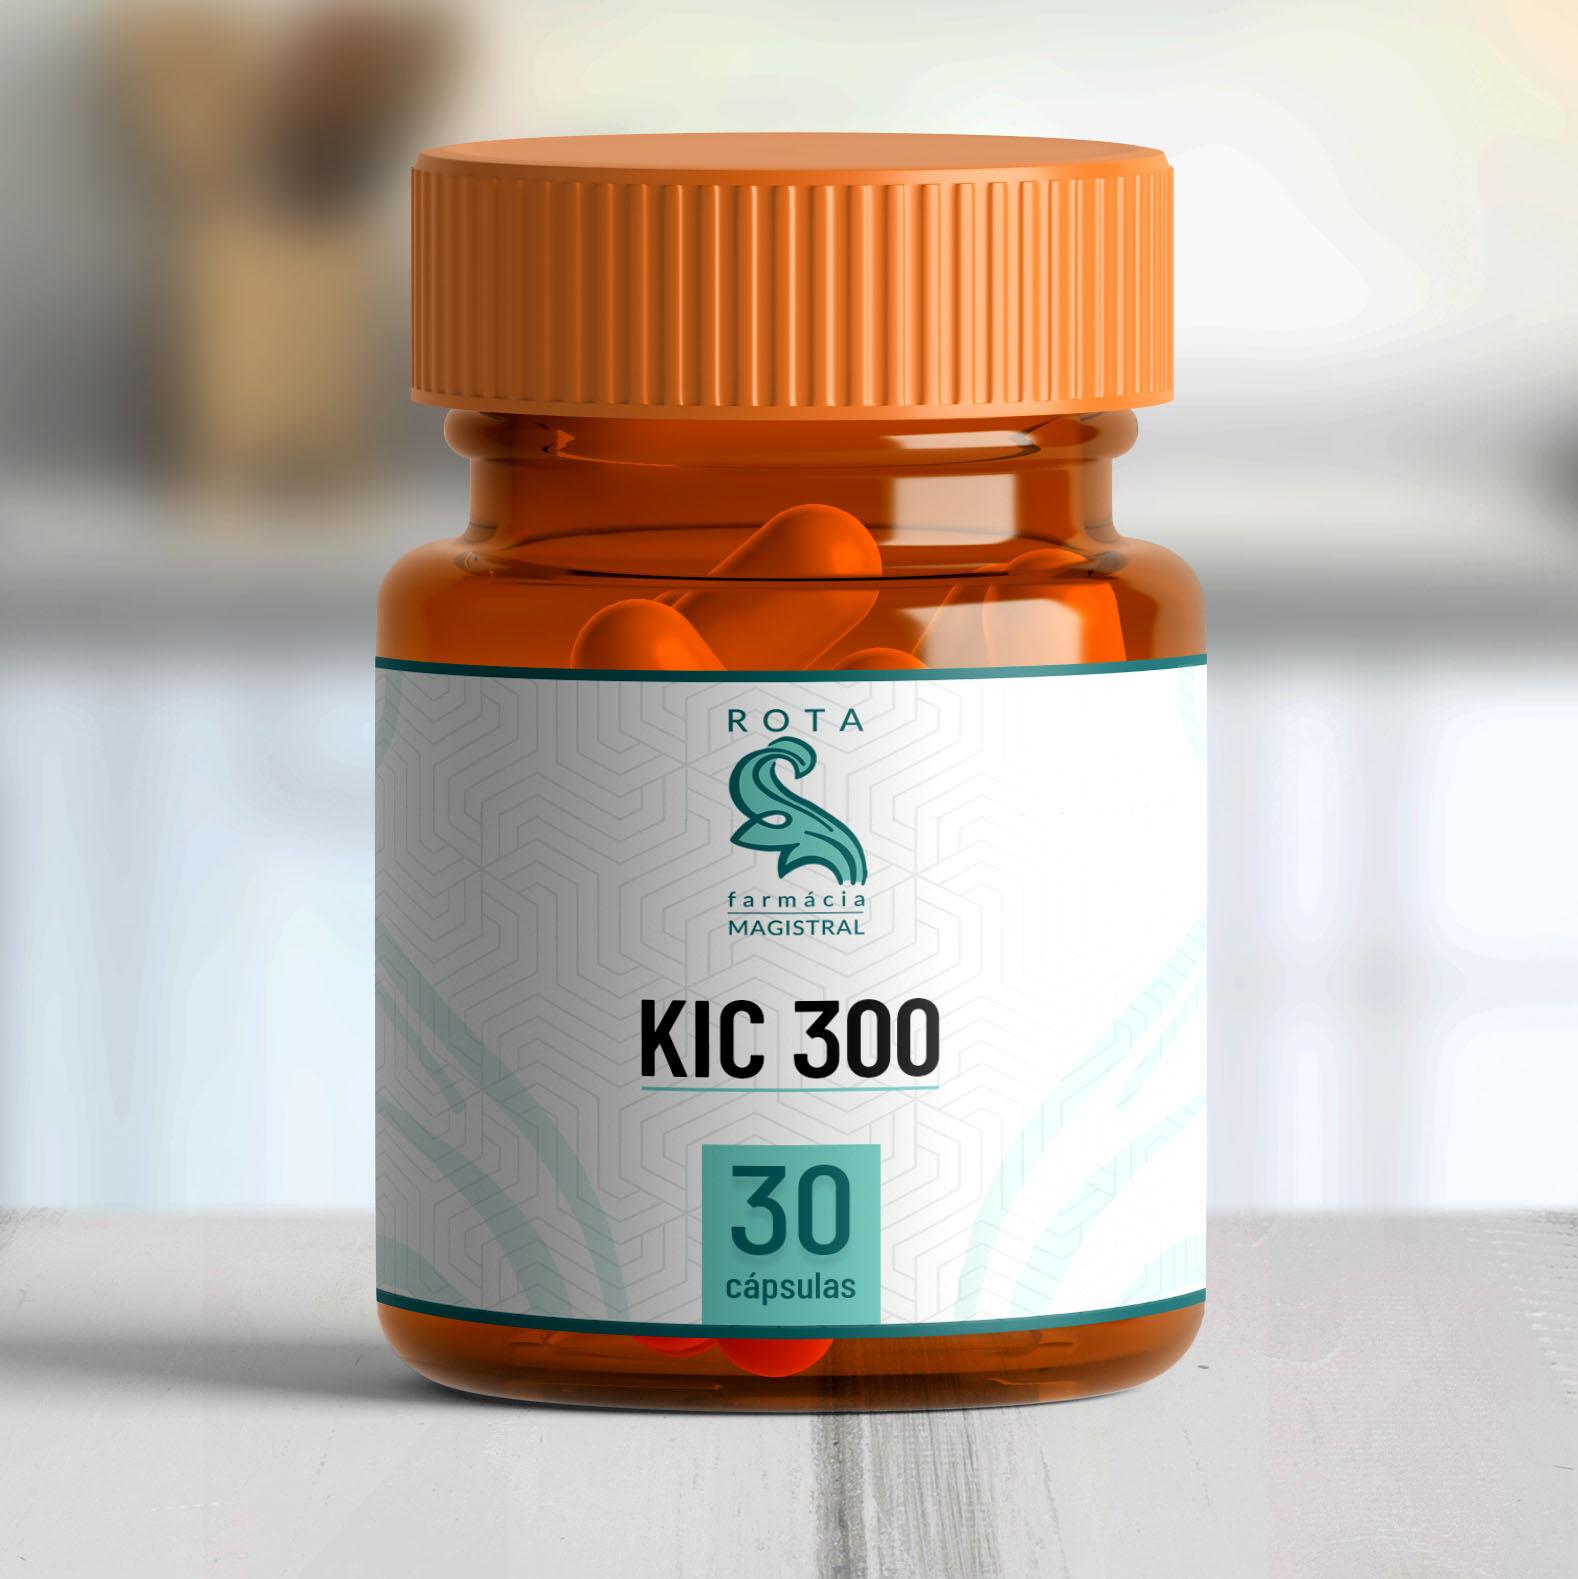 KIC 300 30 cápsulas